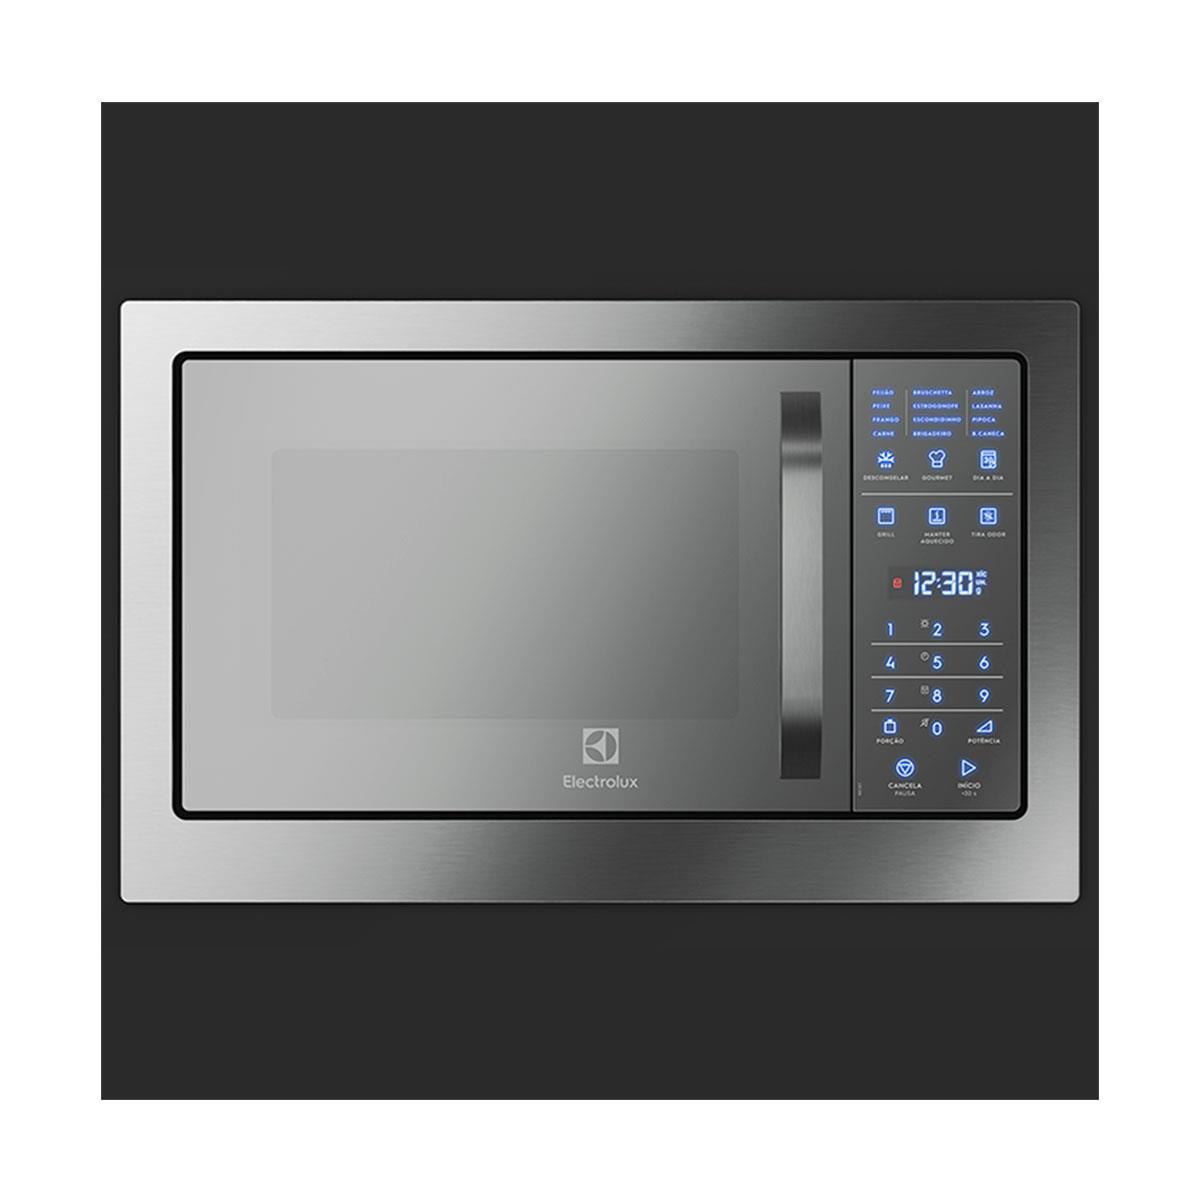 Micro Ondas De Embutir Electrolux Mb38t 28 Litros Grill E Painel